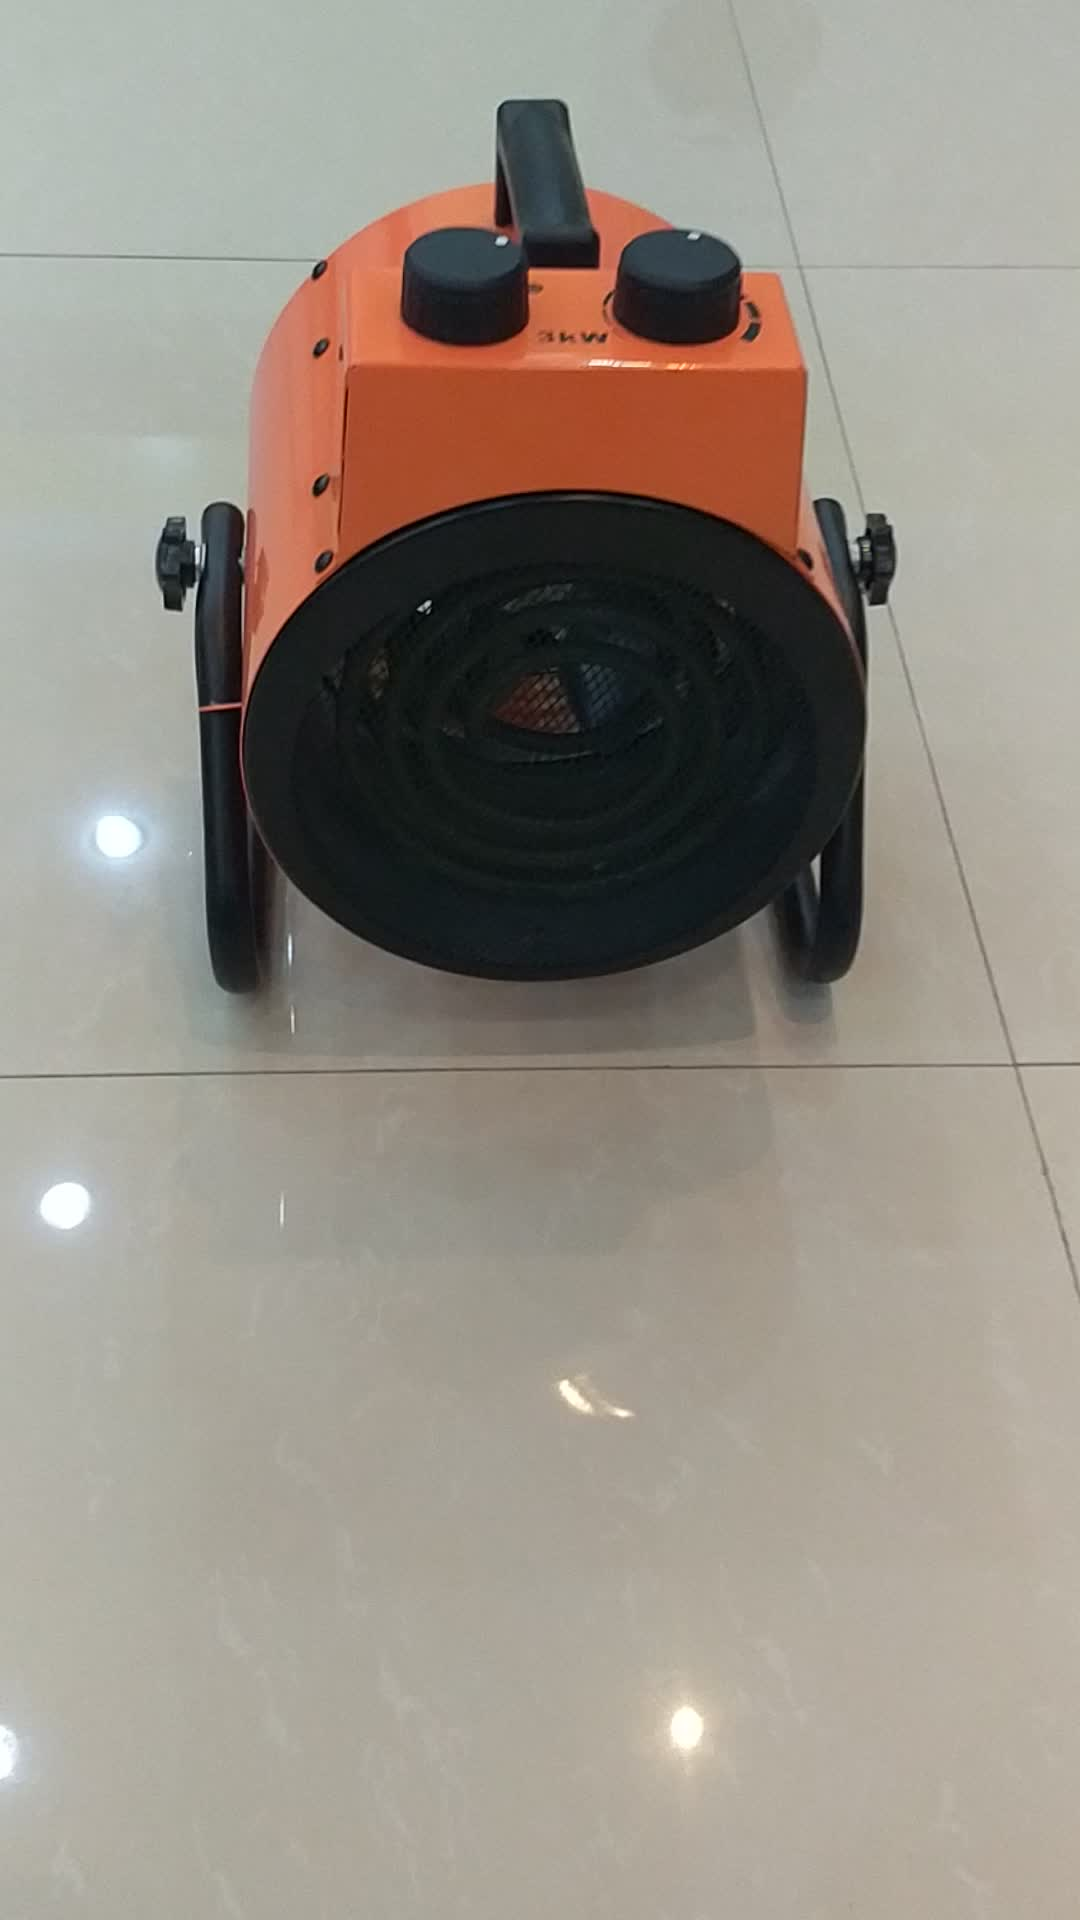 3000 W/3kW औद्योगिक प्रशंसक हीटर बिजली